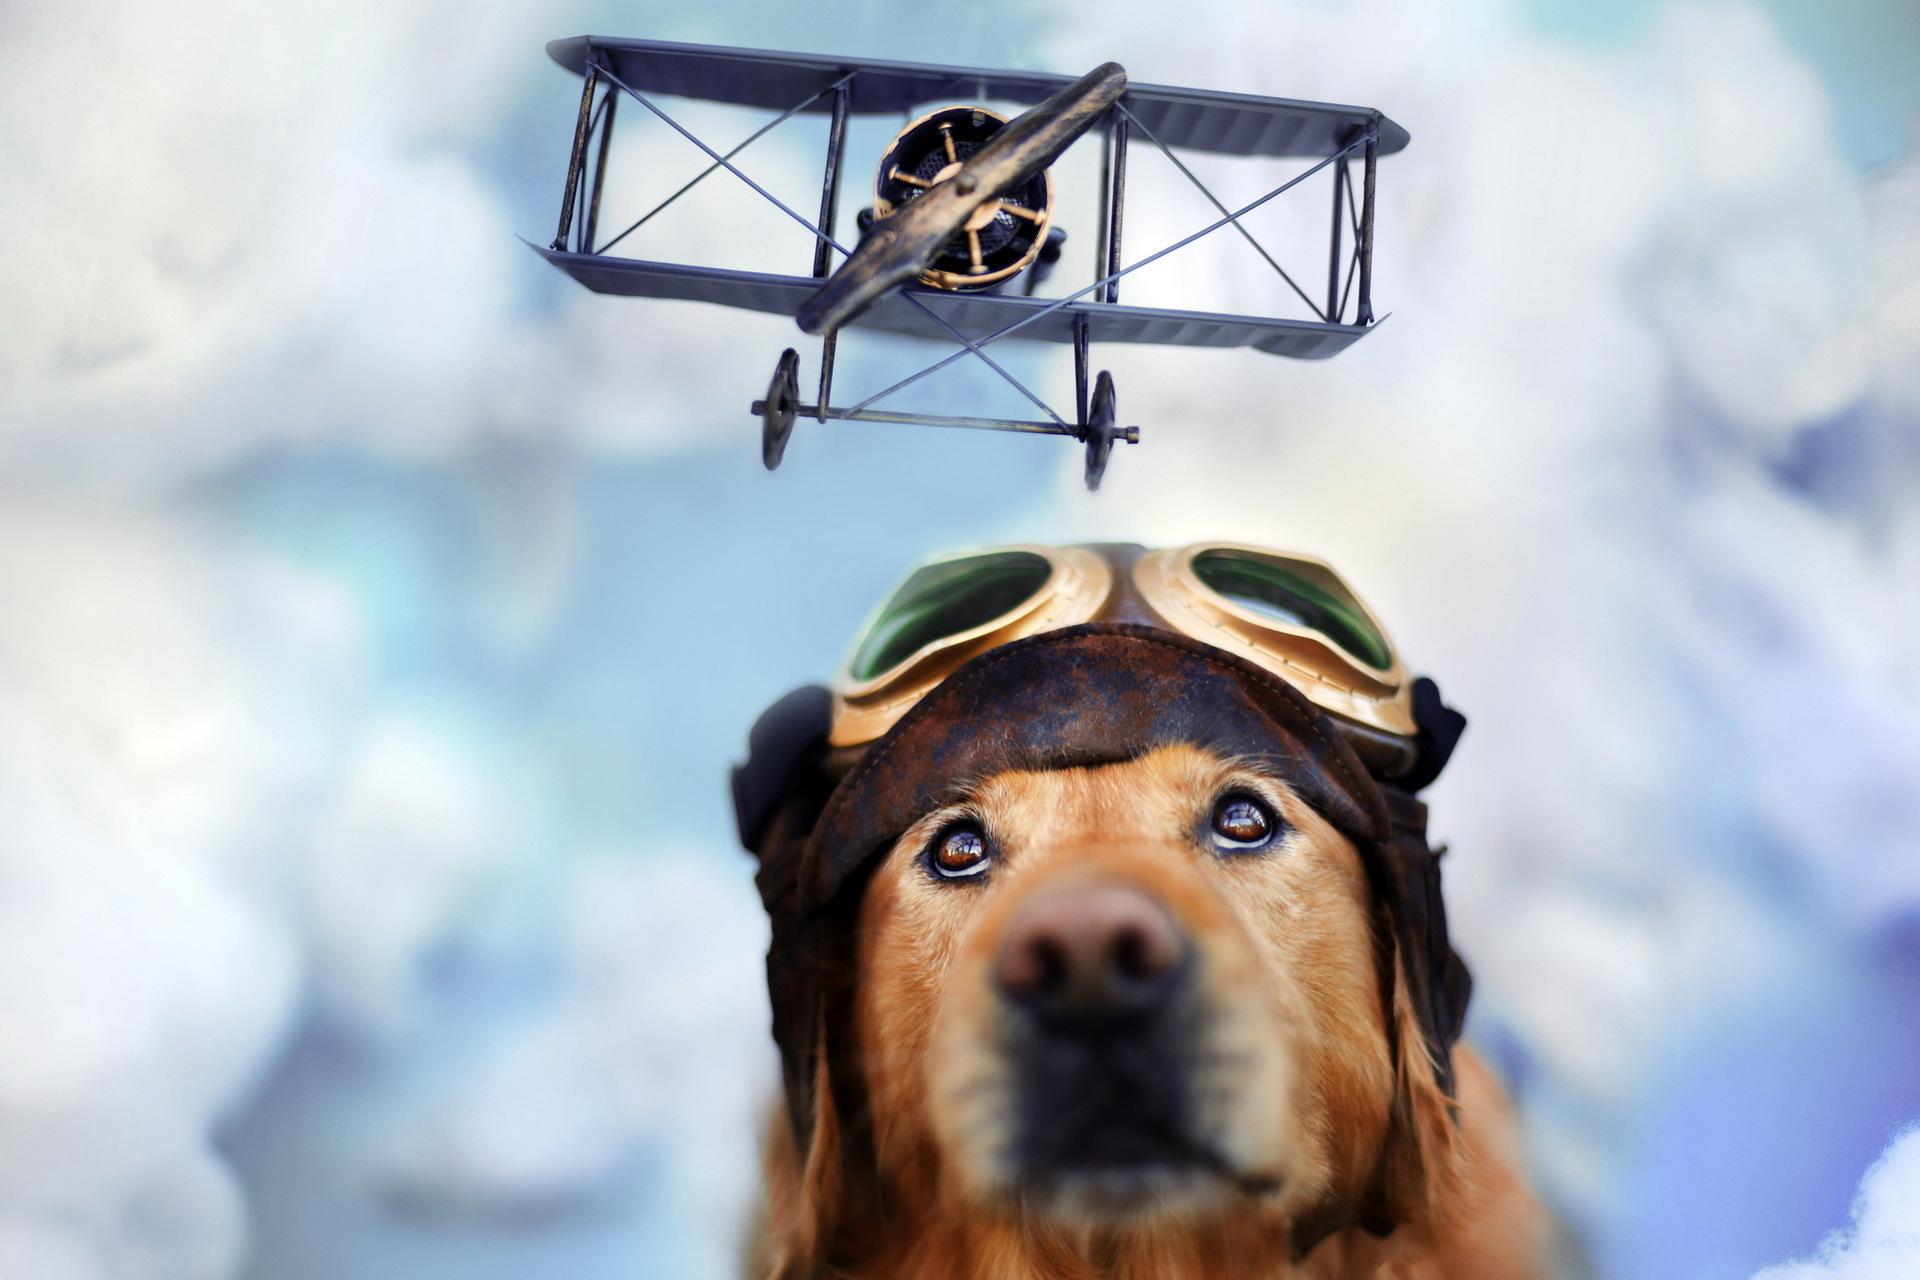 Собака с моделькой самолета без смс